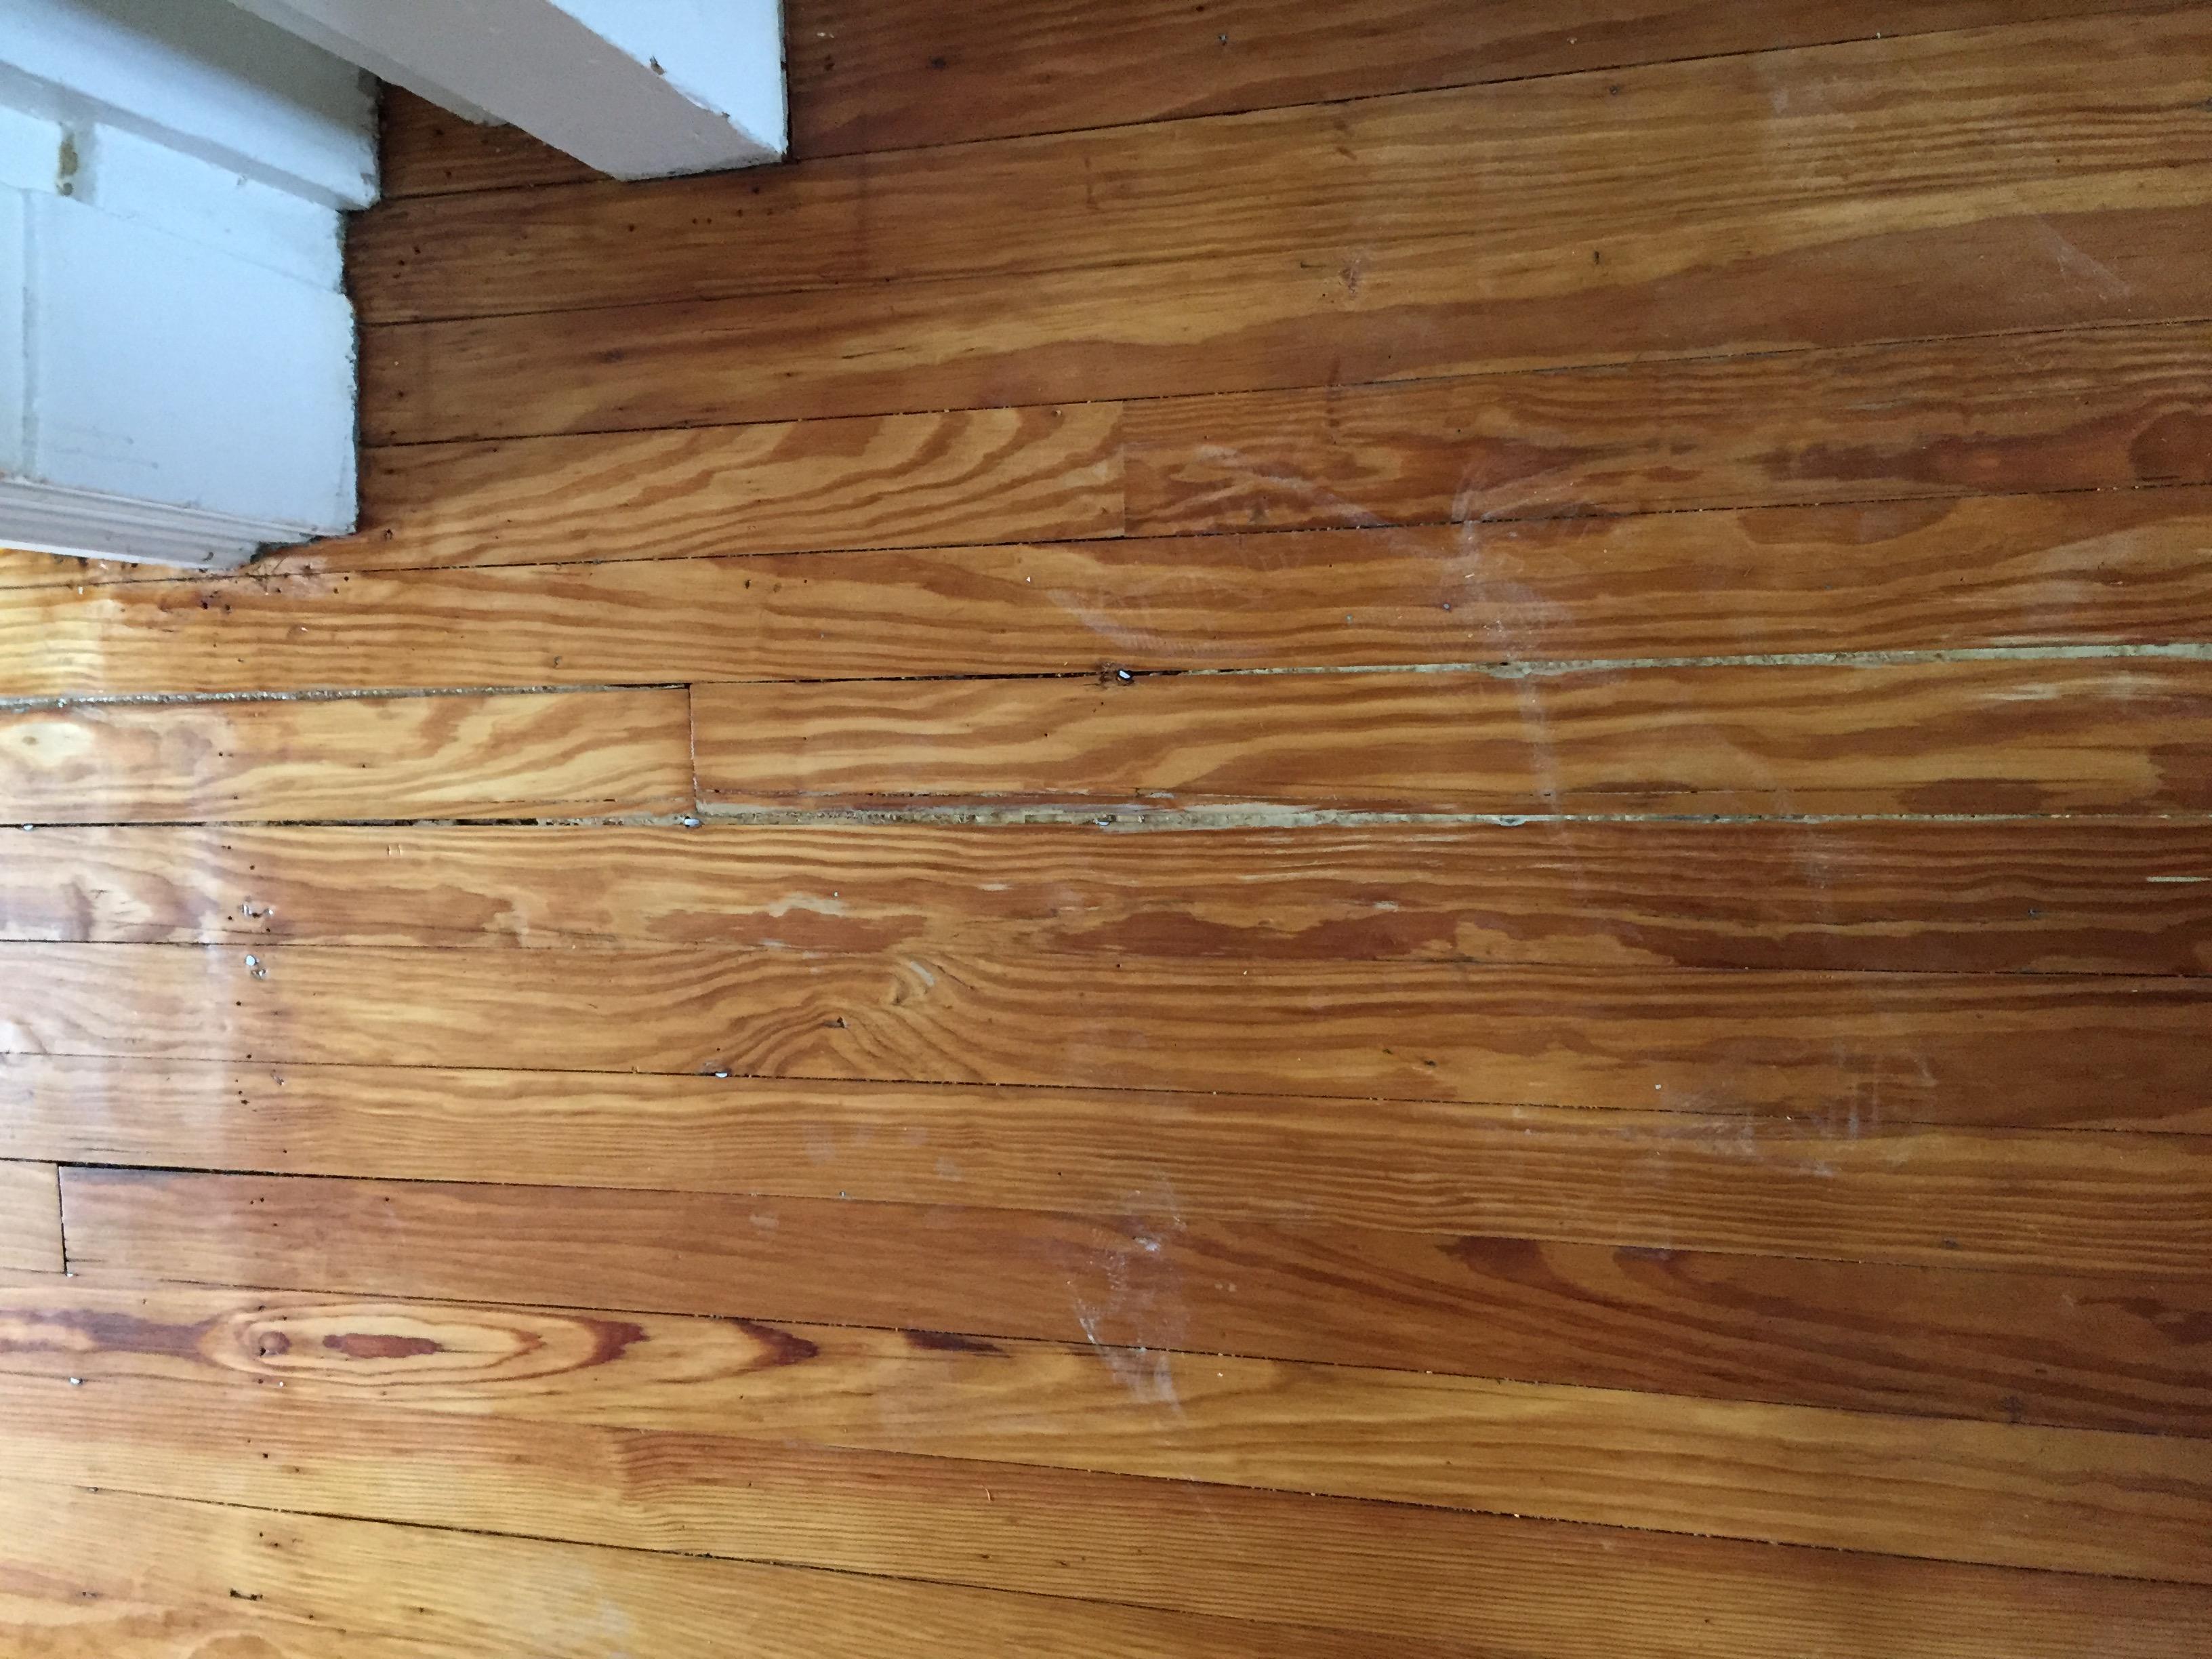 Help How To Repair These Pine Hardwood Floor 100years Old